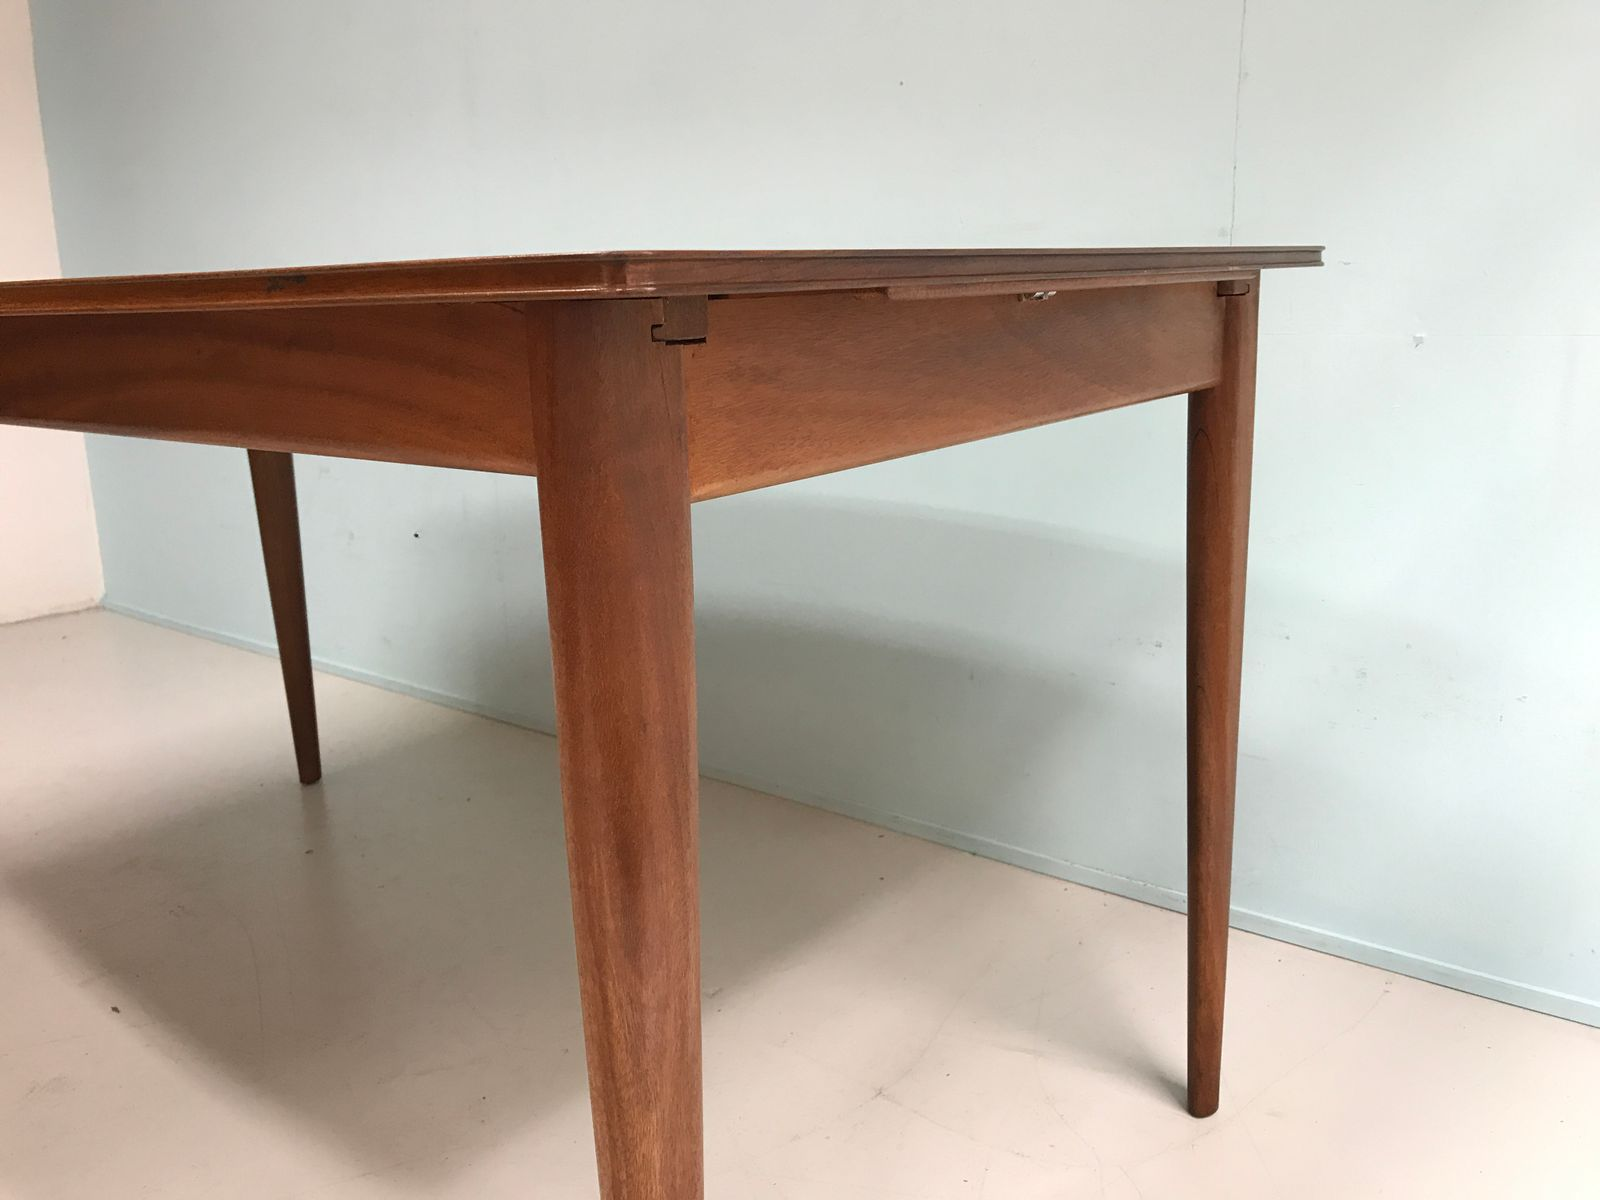 Table de salle manger de mcintosh 1960s en vente sur pamono for Salle a manger annee 1960